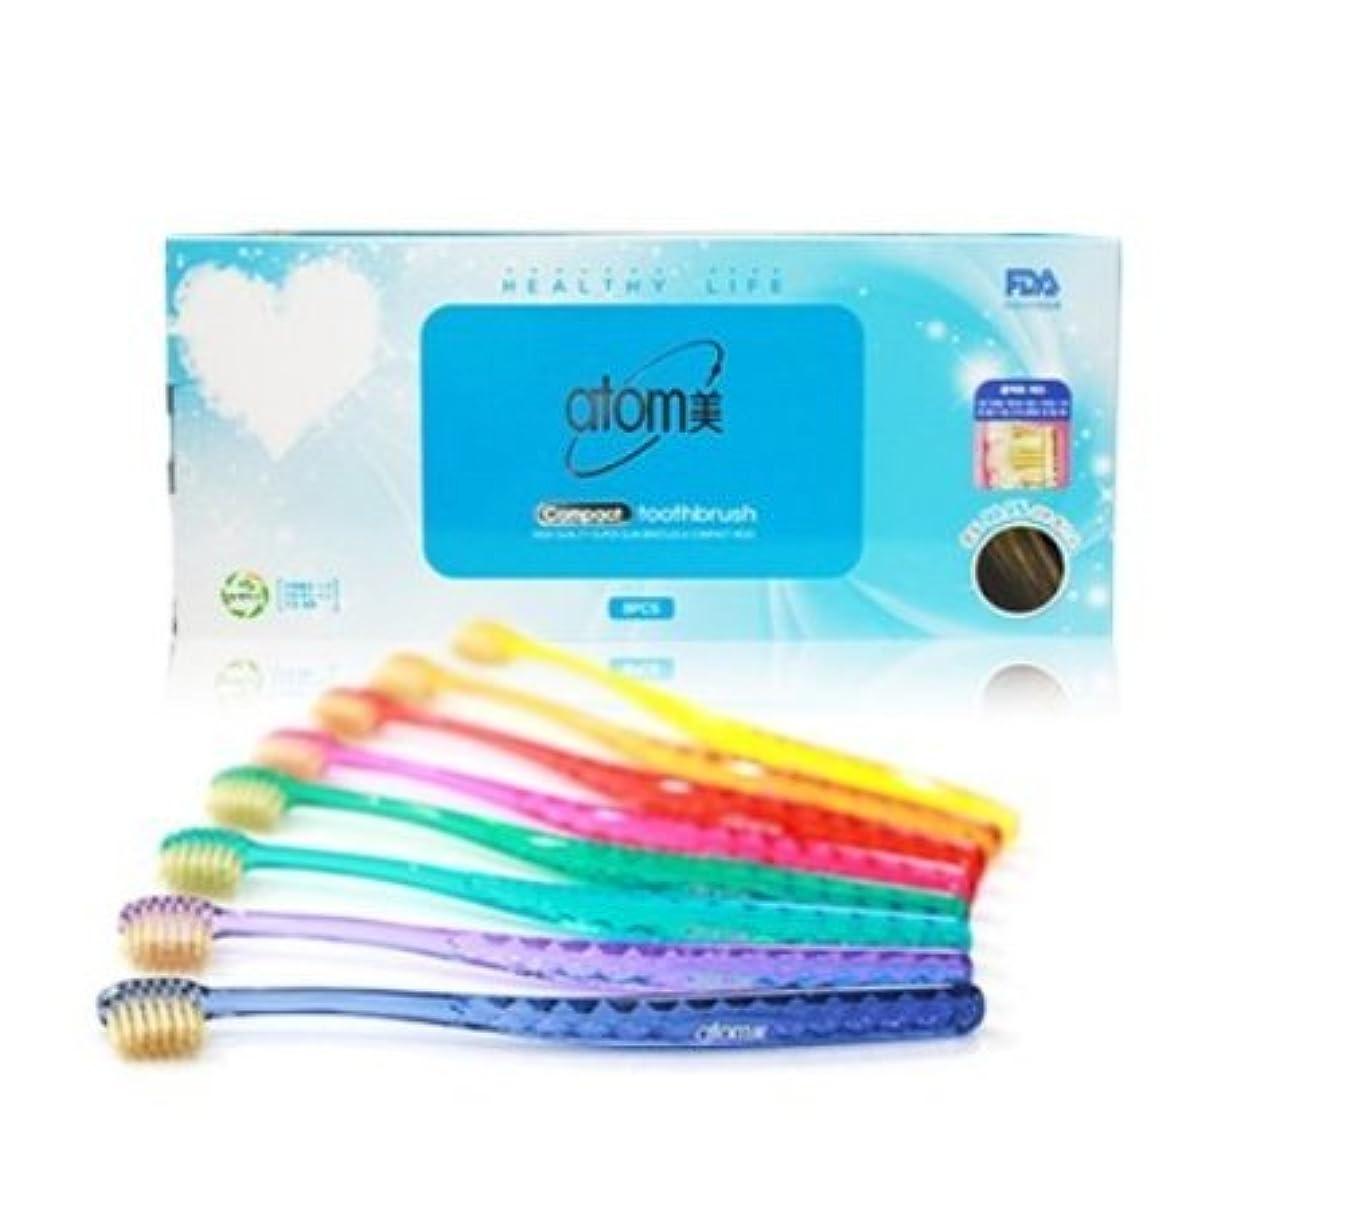 ミネラル主婦奴隷Atomi Atomy Atom美 アトミ アトミコンパクト歯ブラシ8本セット